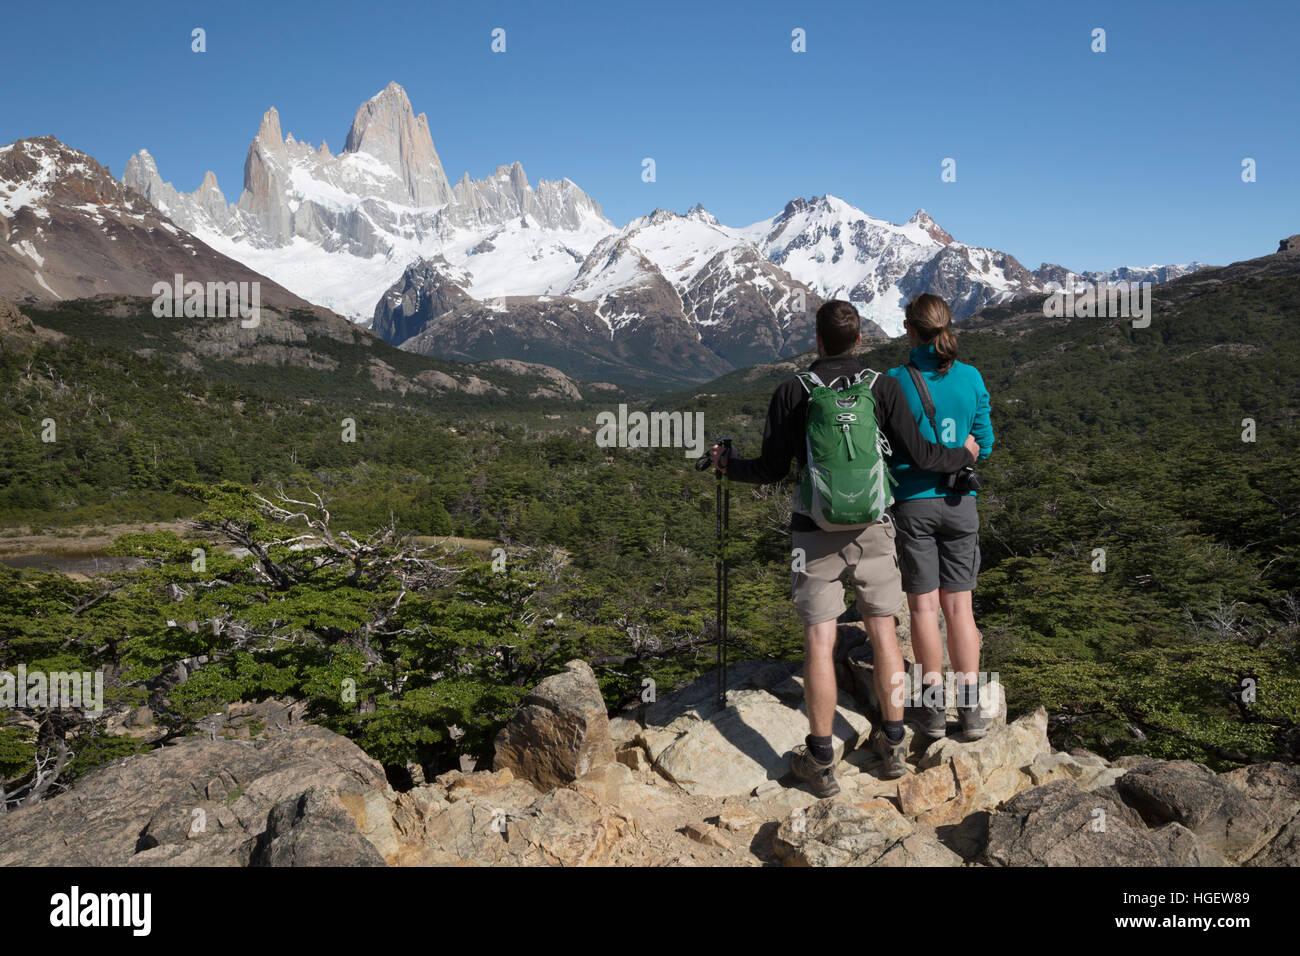 Wanderer anzeigen Mount Fitz Roy Laguna de los Tres Trail, El Chalten, Patagonien, Argentinien, Südamerika Stockbild